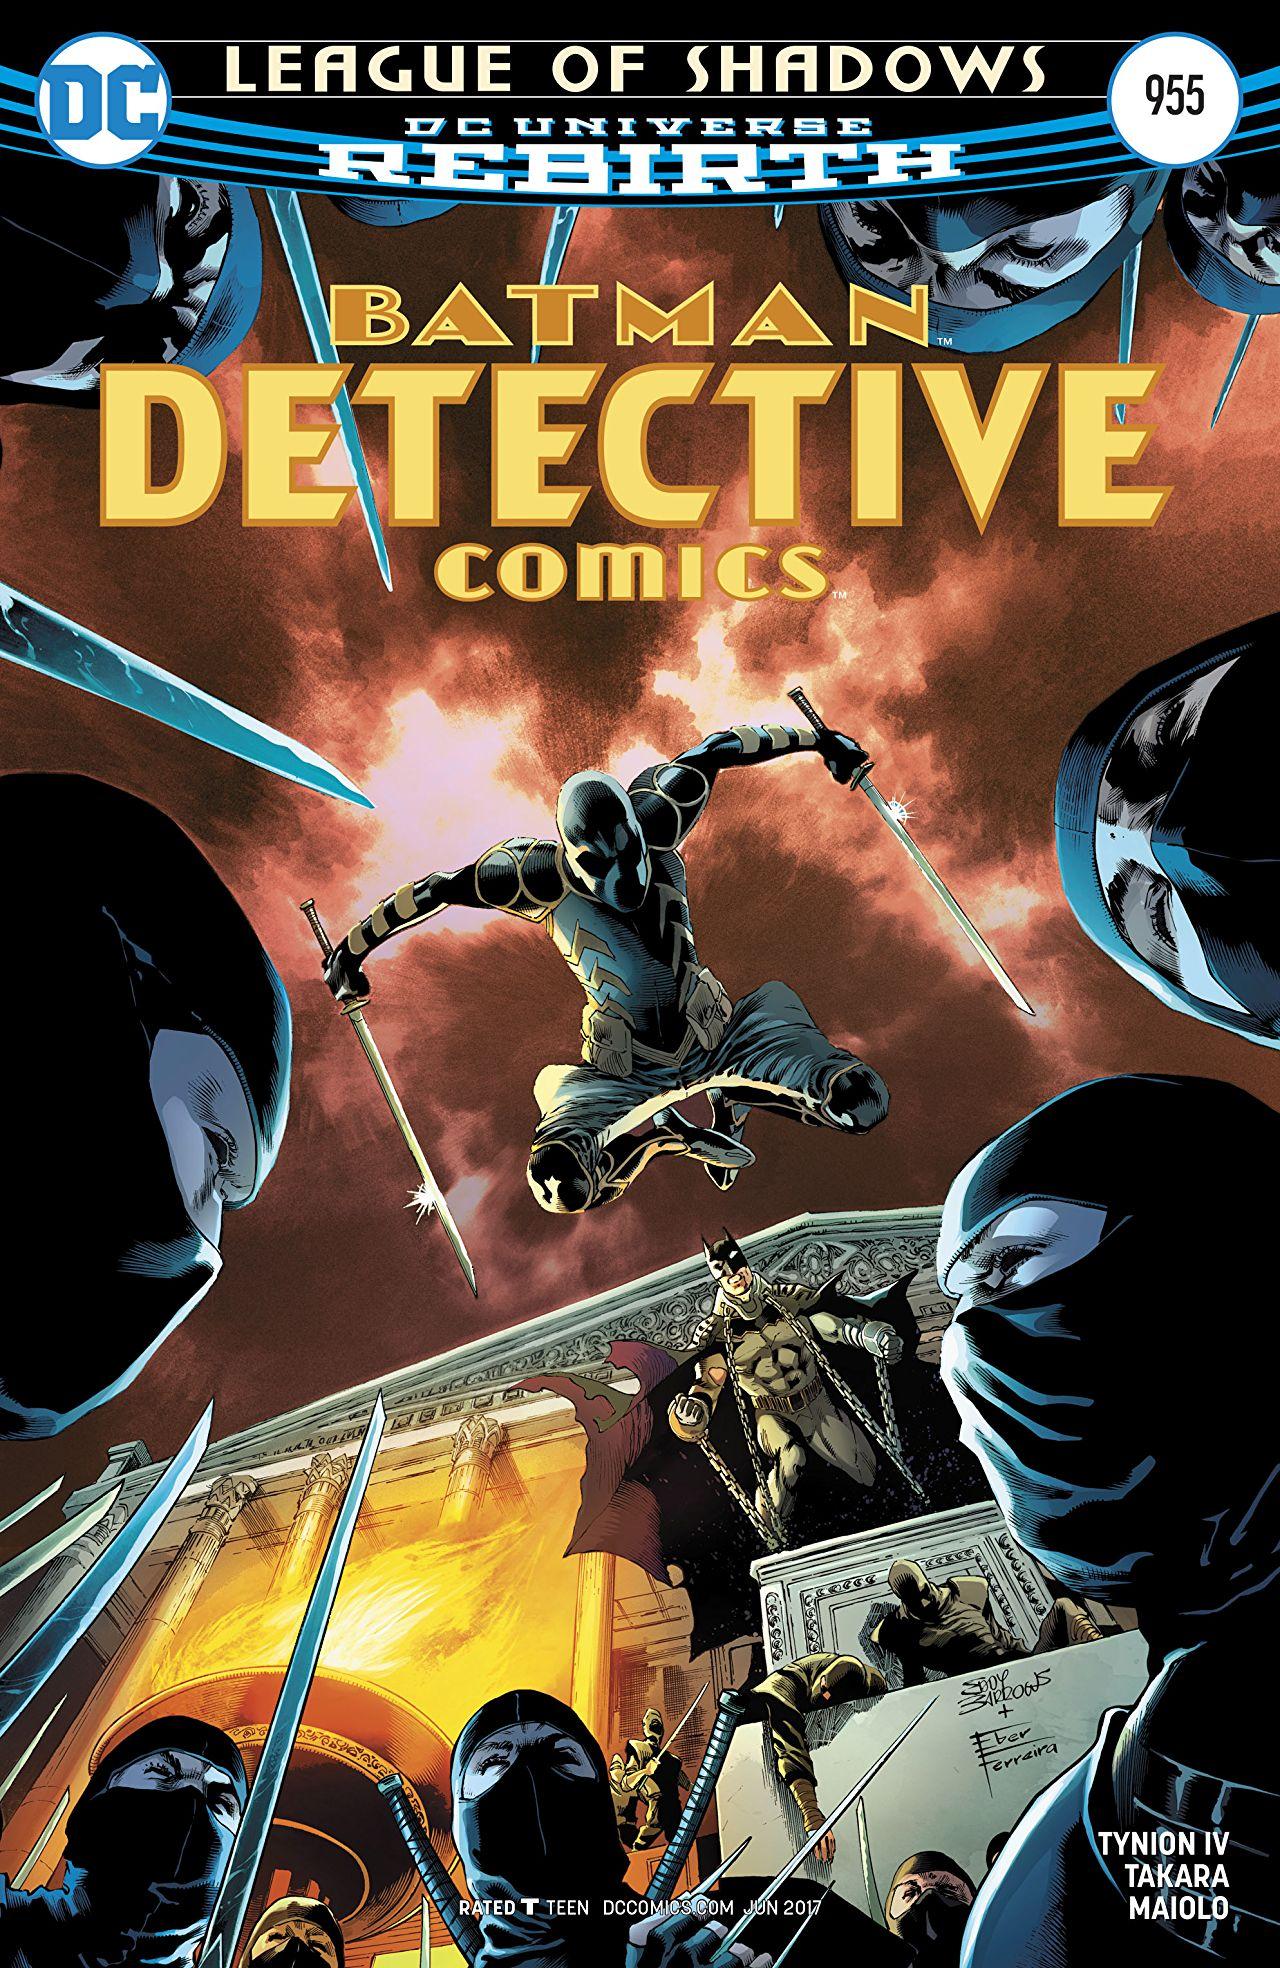 Detective Comics Vol 1 955